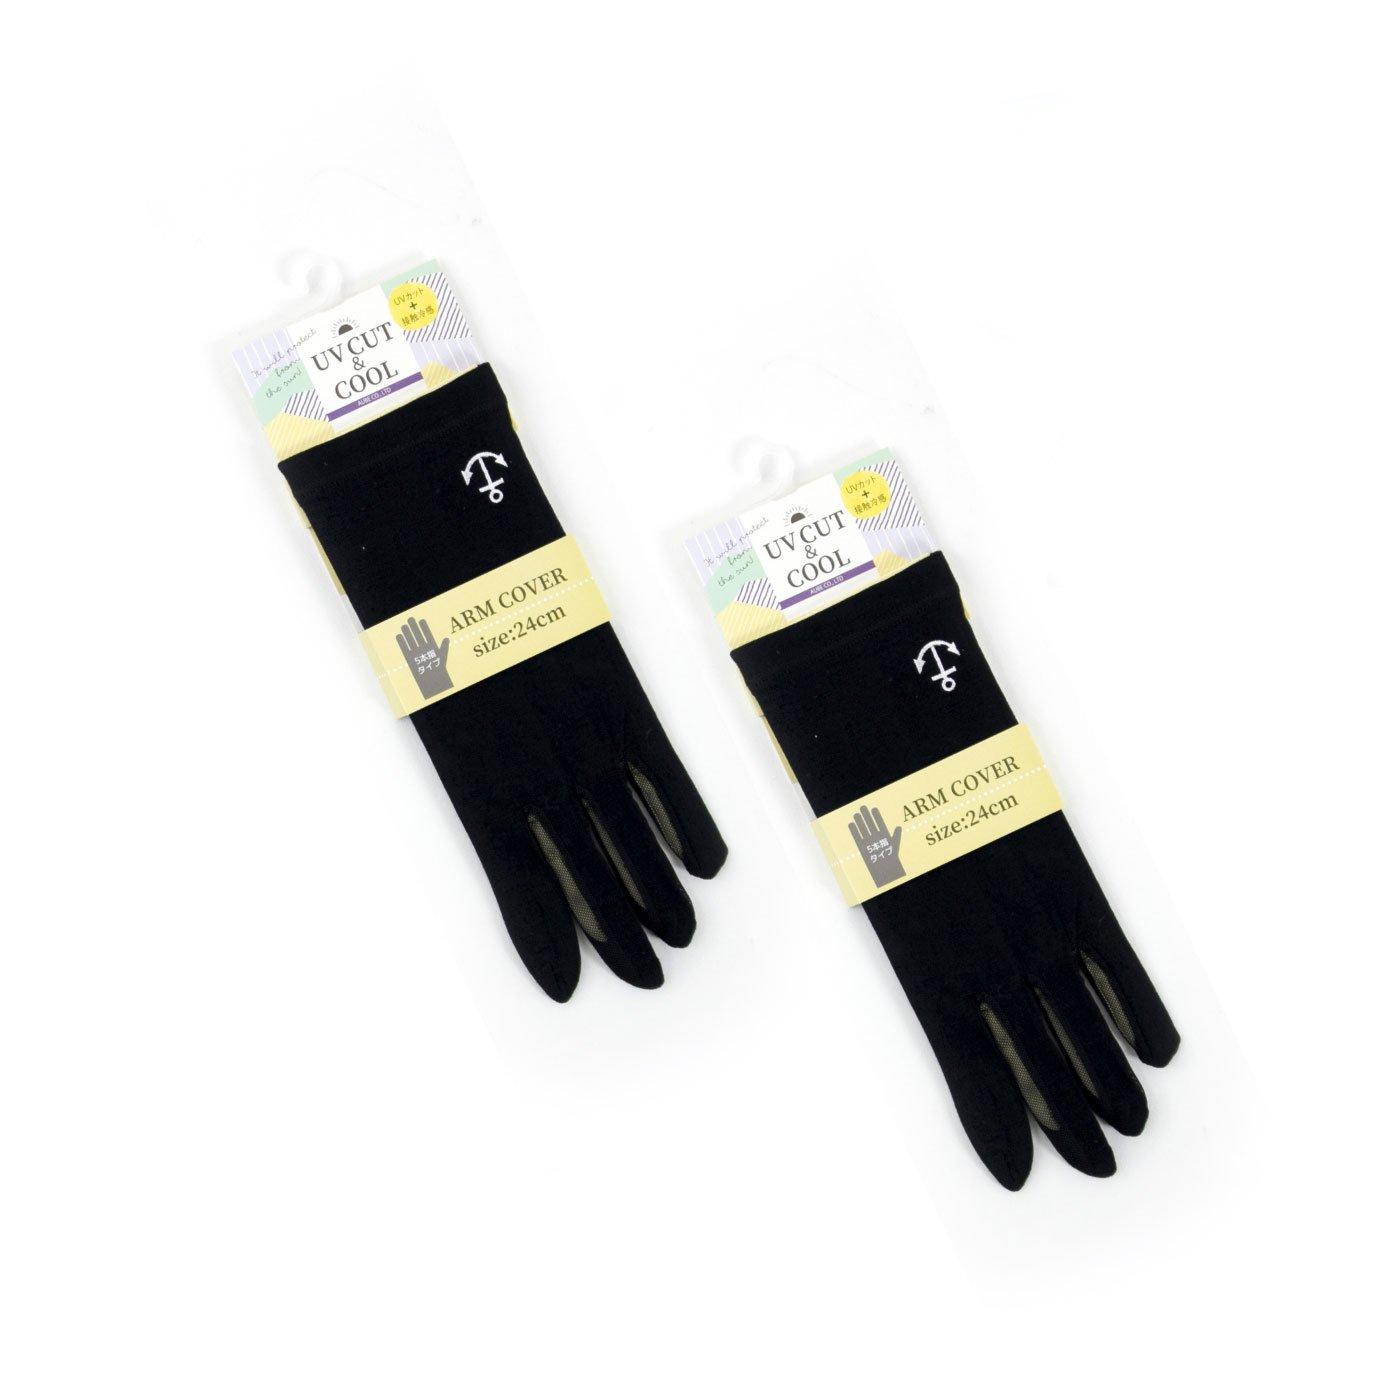 【特急便】UV対策&接触冷感手袋<シンプル> ニコシェアセット